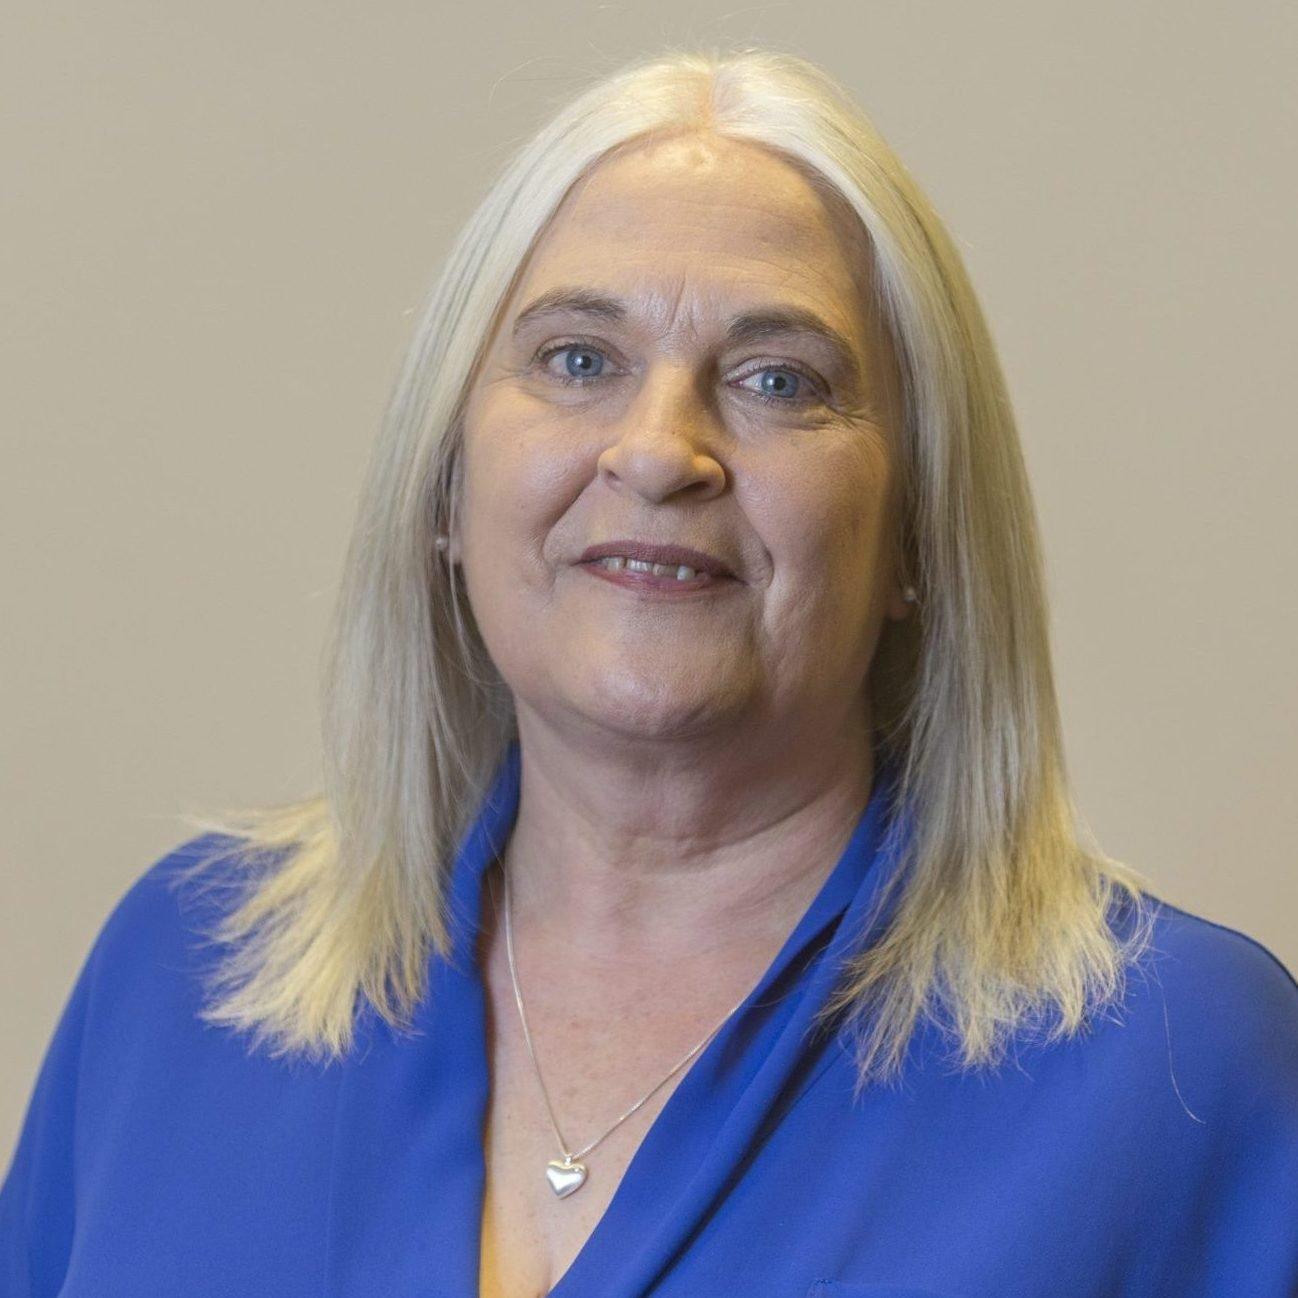 Sarah Burridge